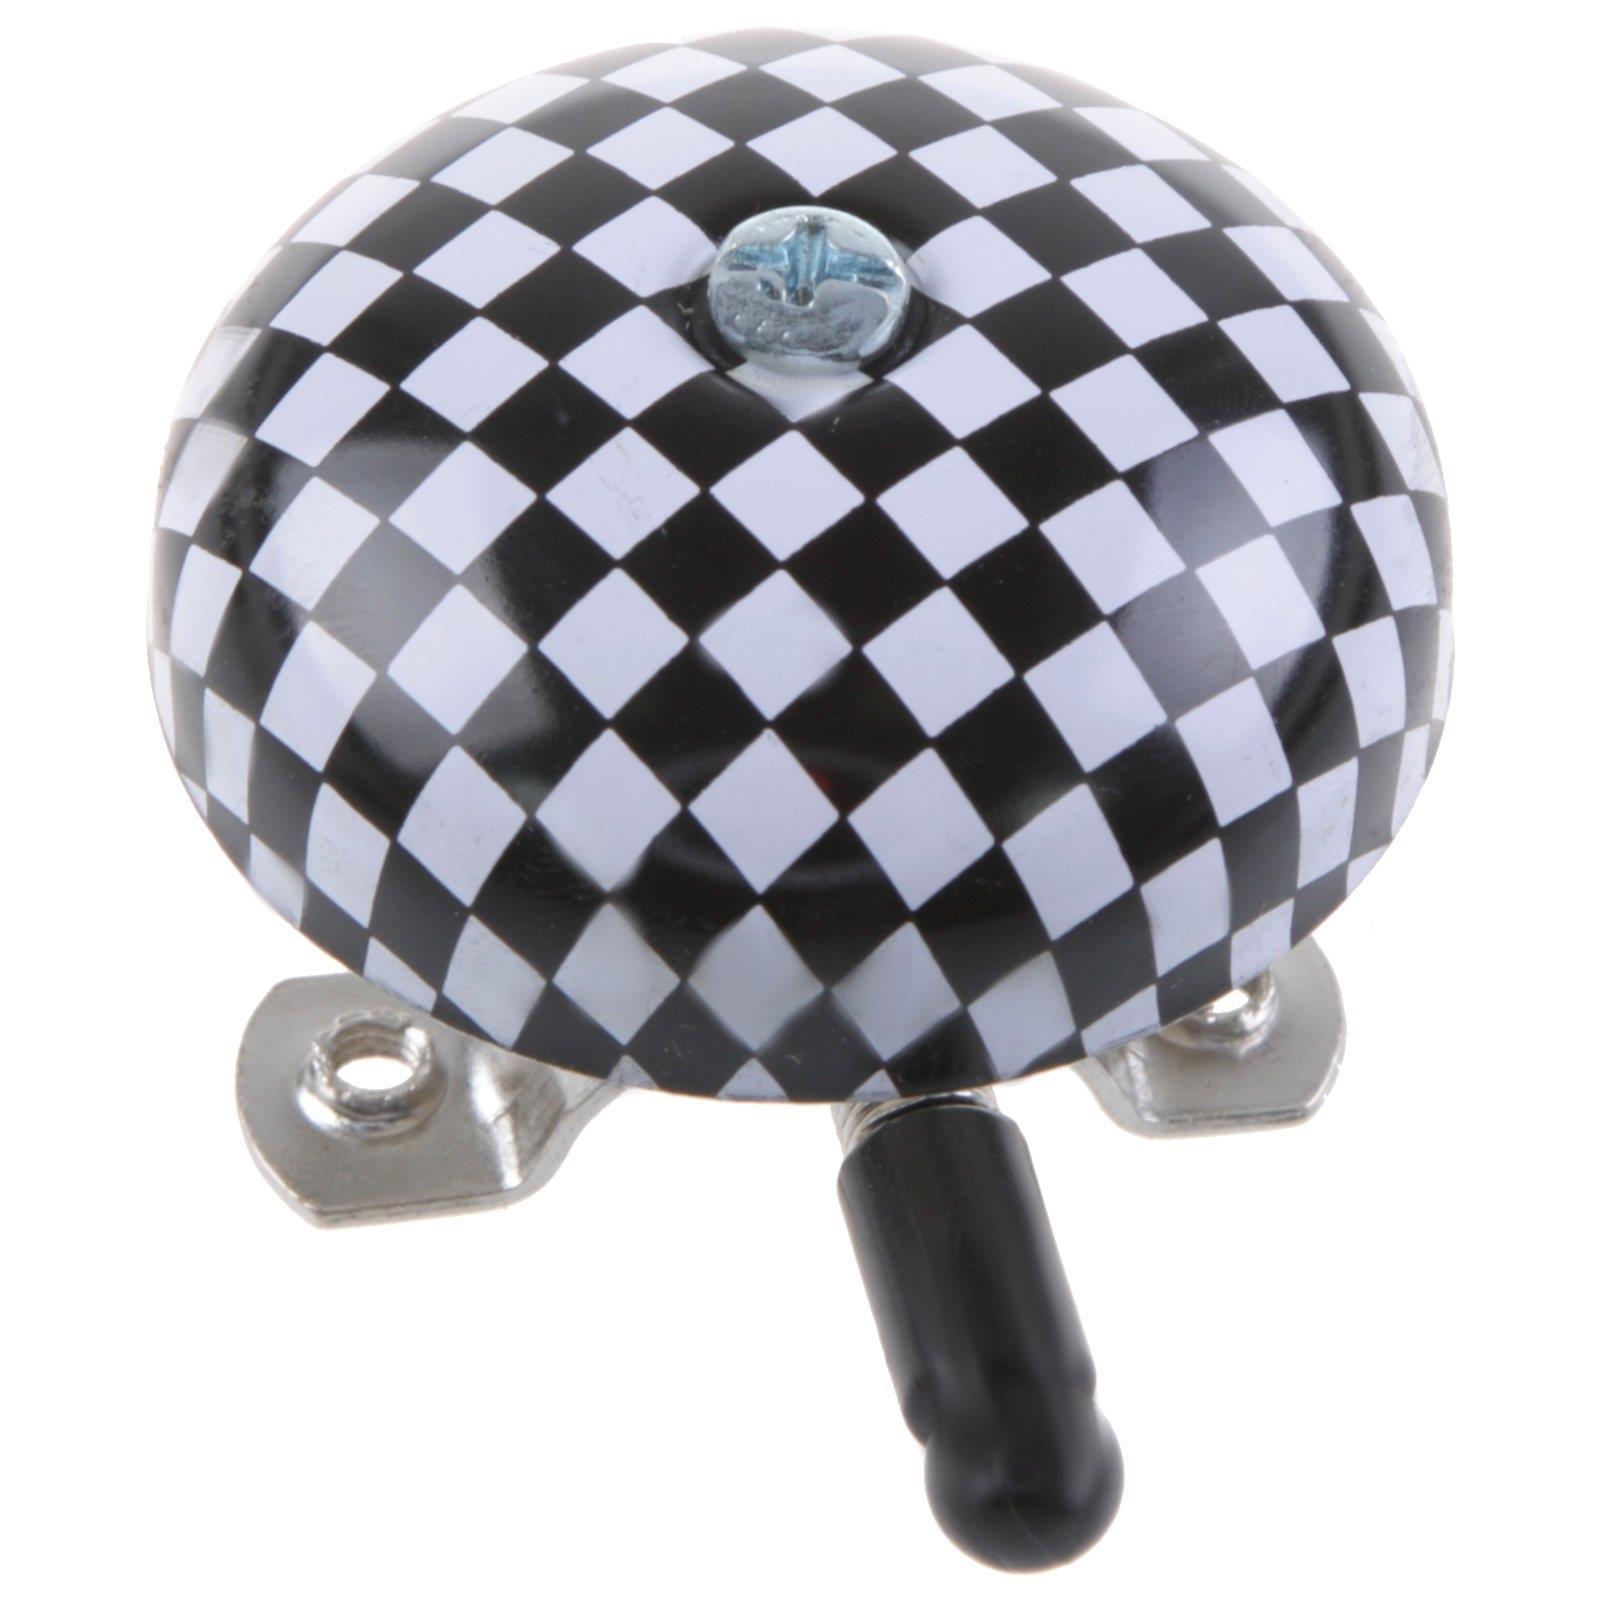 Liix Vélo Sonnette Funny Ringer drôle Bell drôle Ringer cloche Bière Krug Tennis Capsules 0bec01